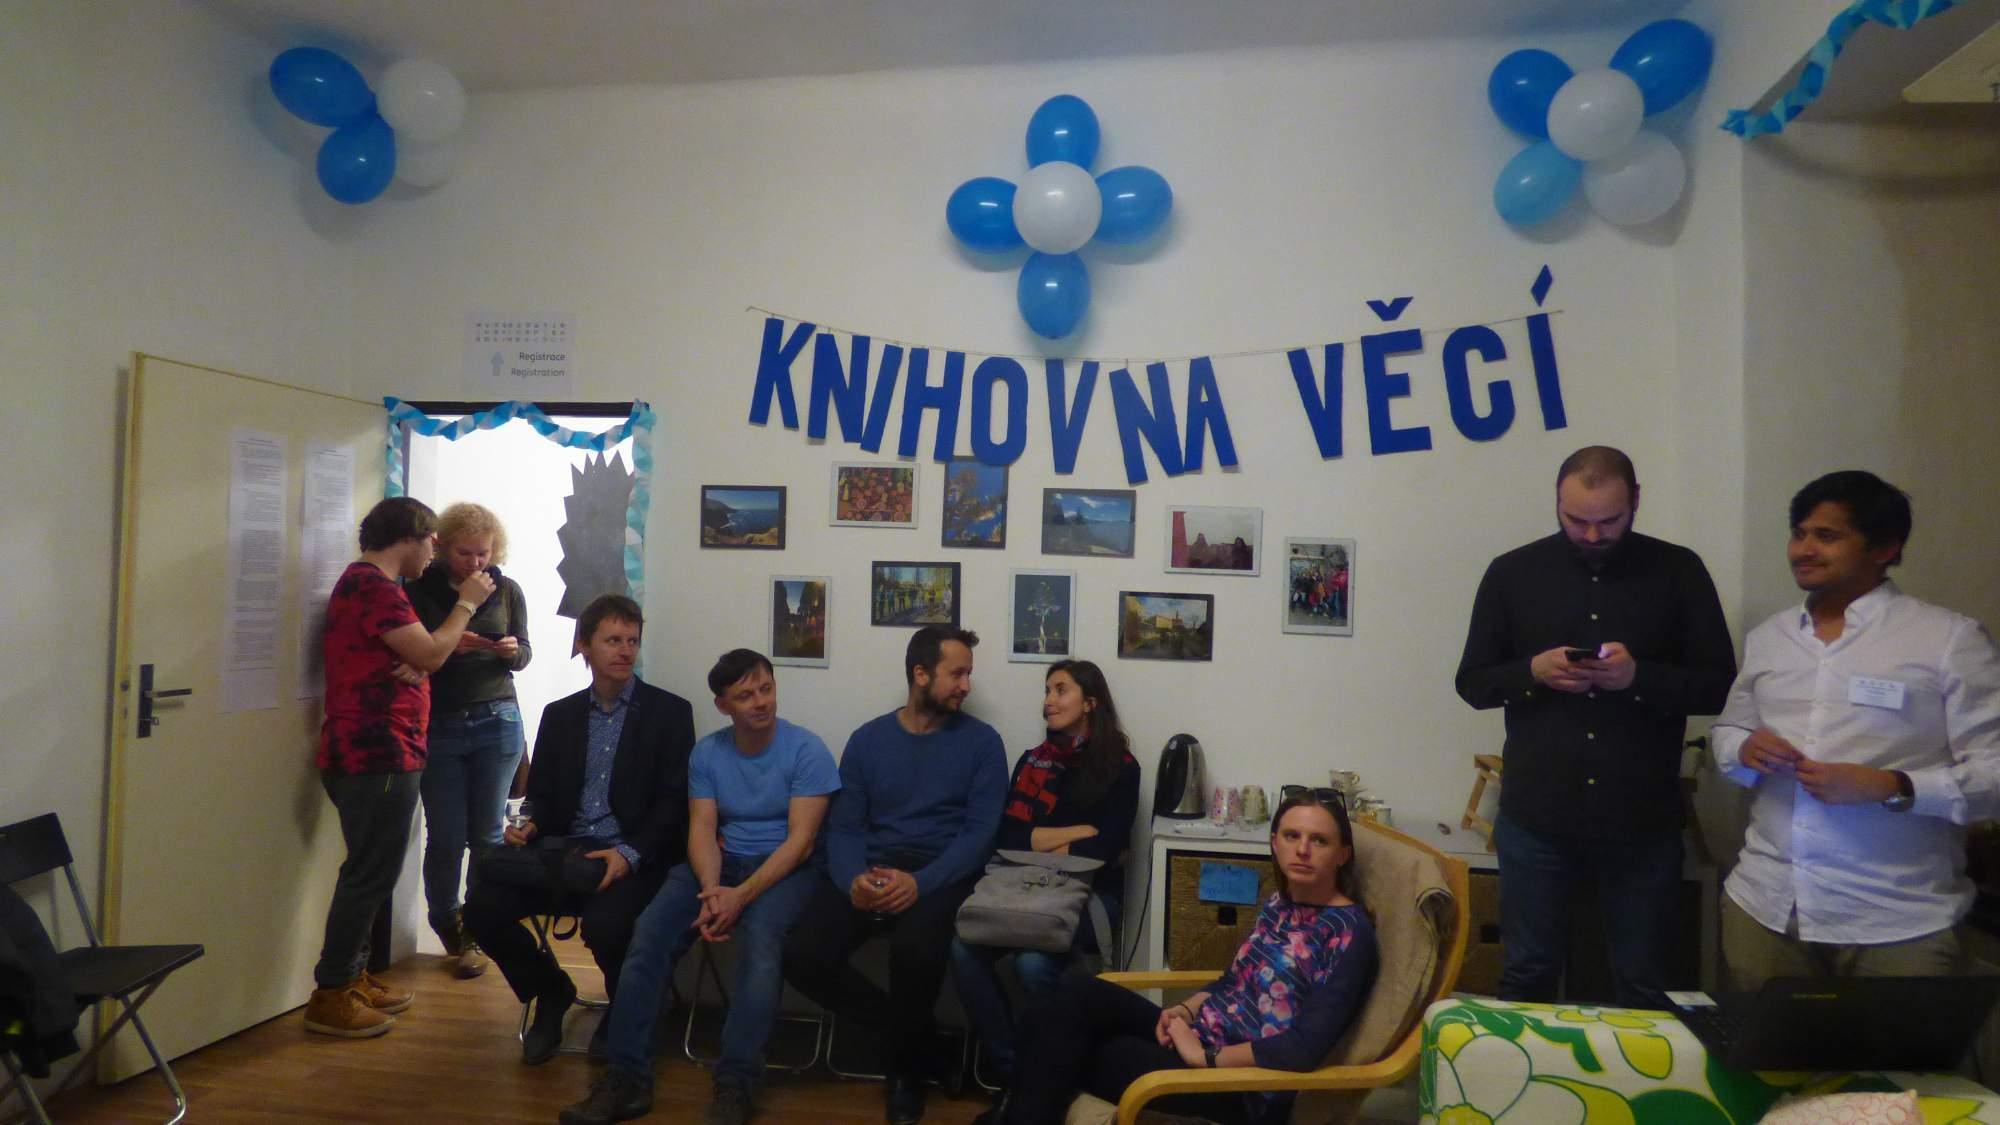 Knihovna věcí při slavnostním zahájení, Foto: Tereza Ryšanová